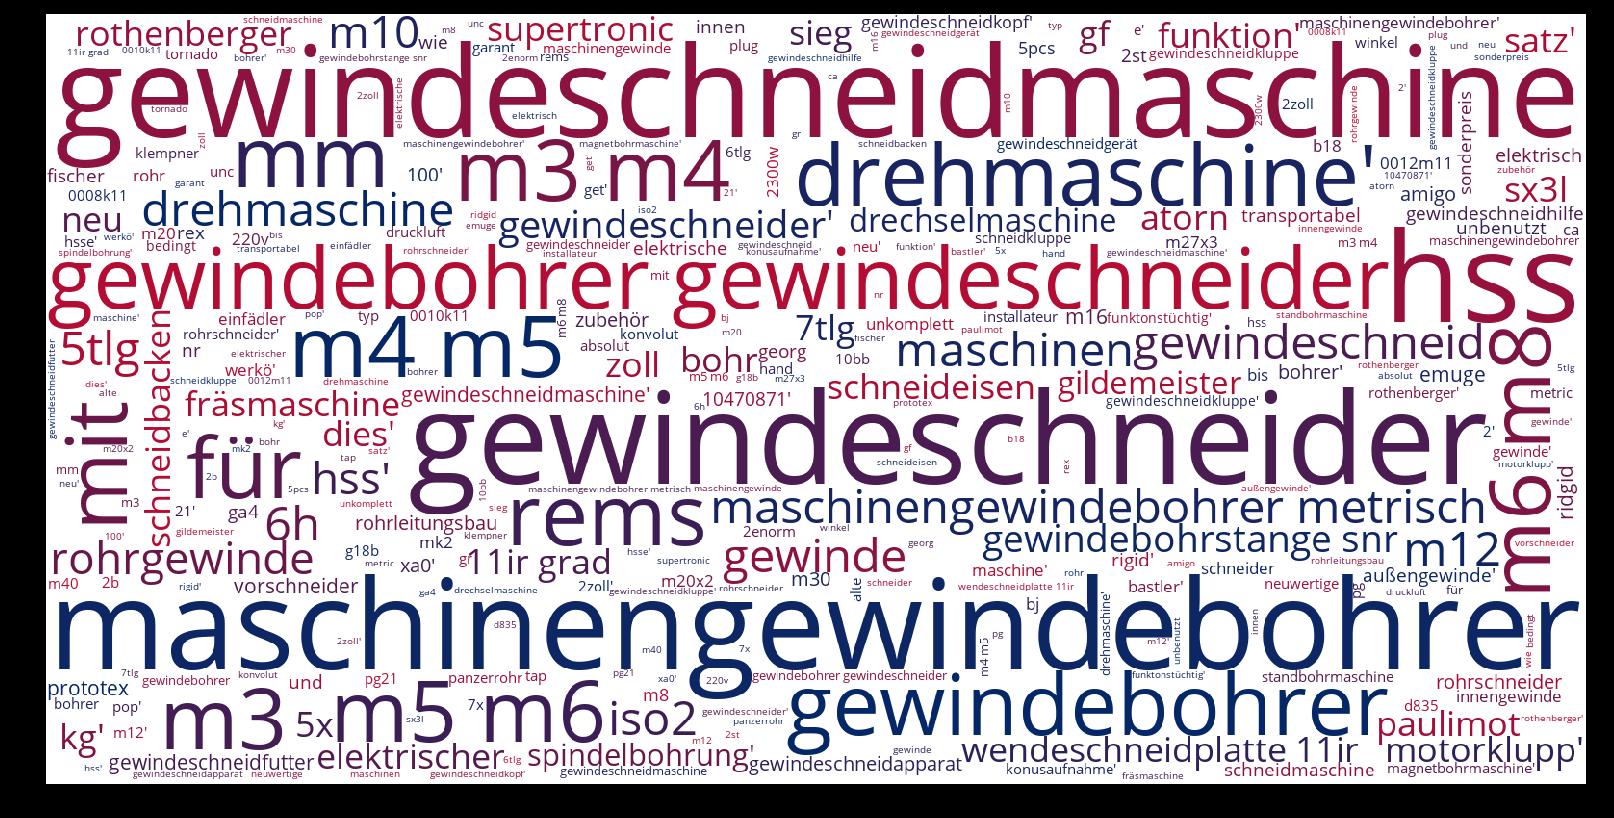 Gewindeschneidmaschine-wordcloud